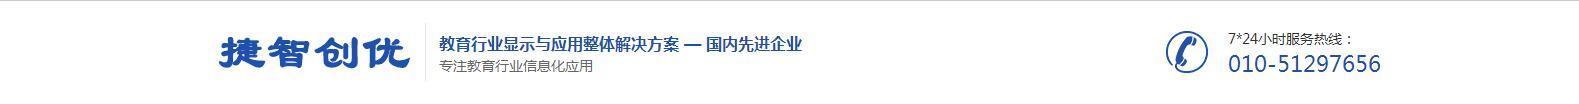 捷智创优(北京)智能科技有限公司